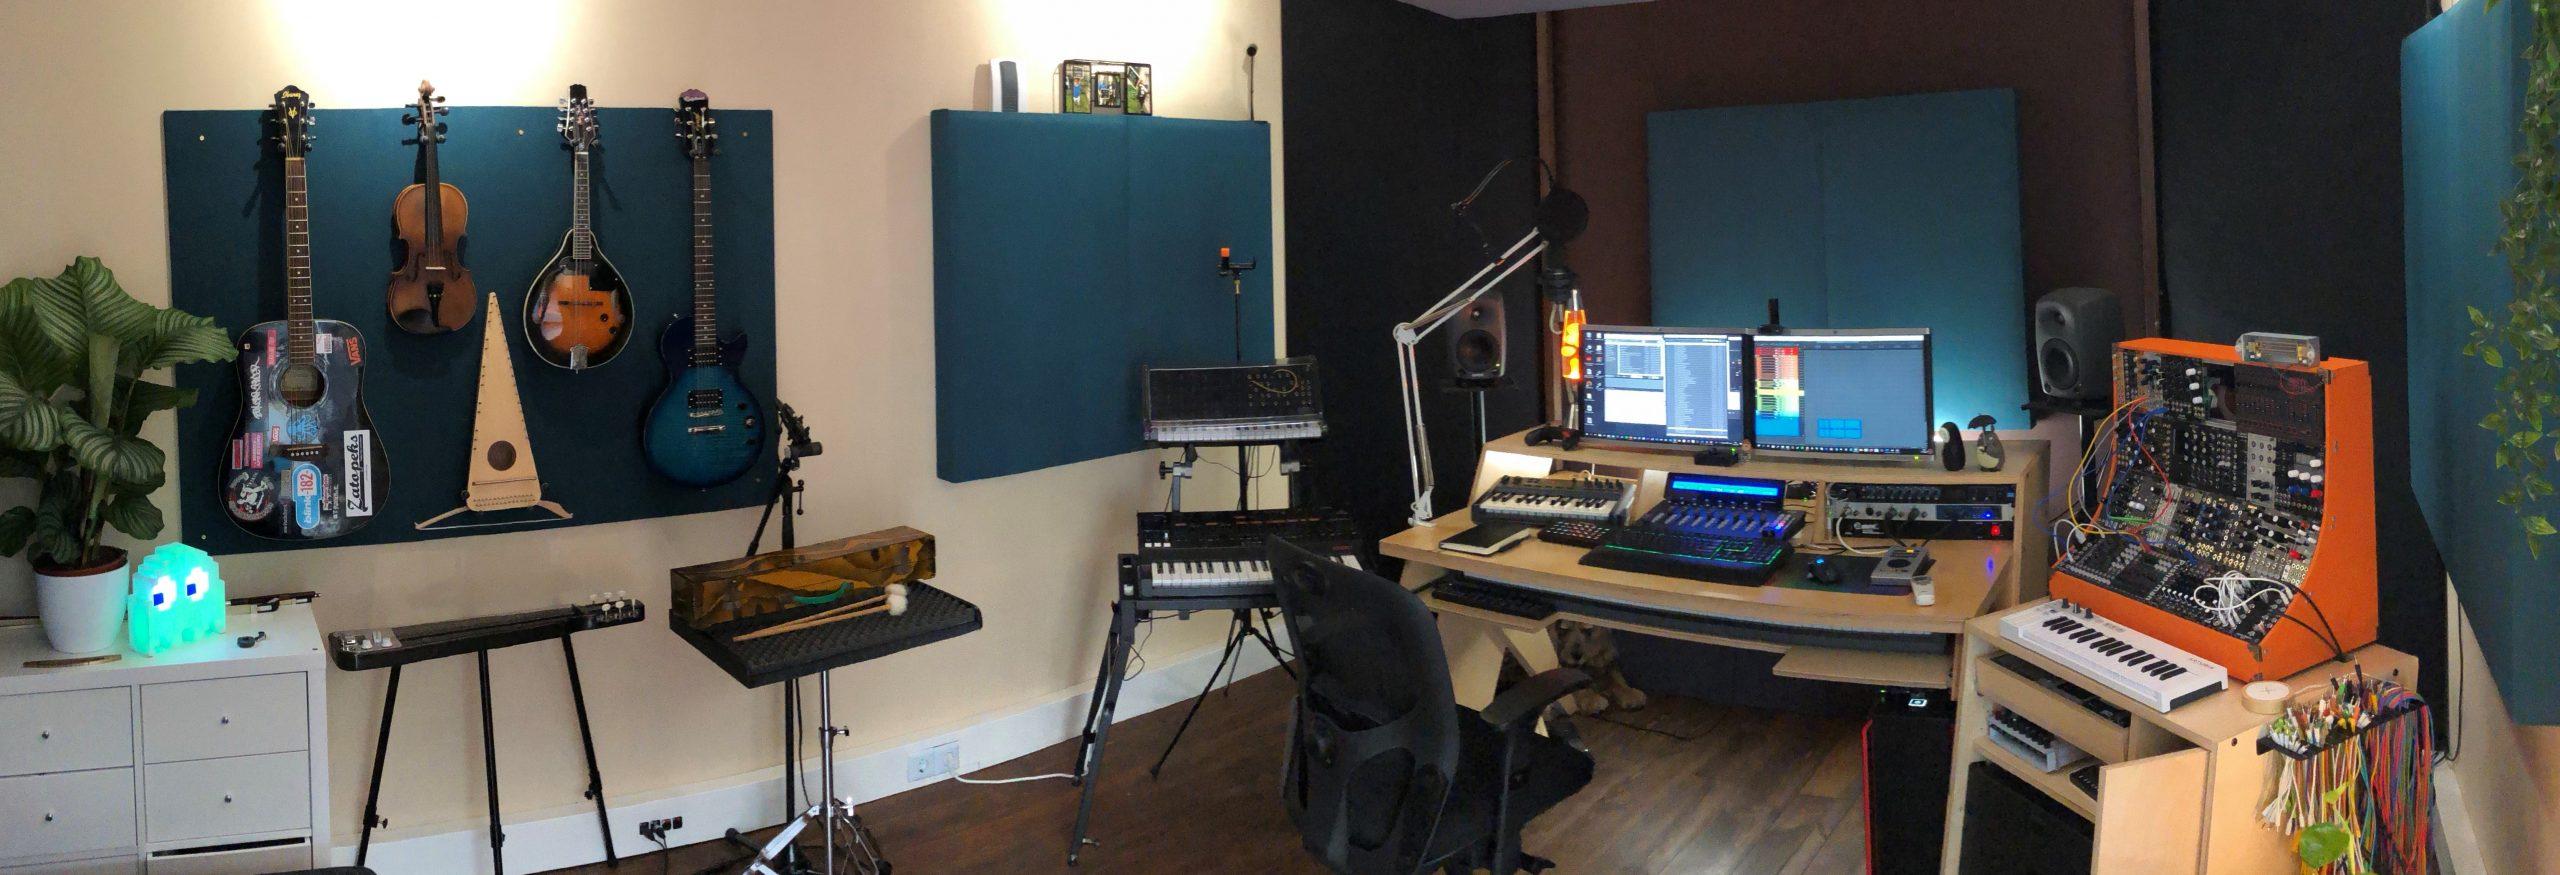 studio2021